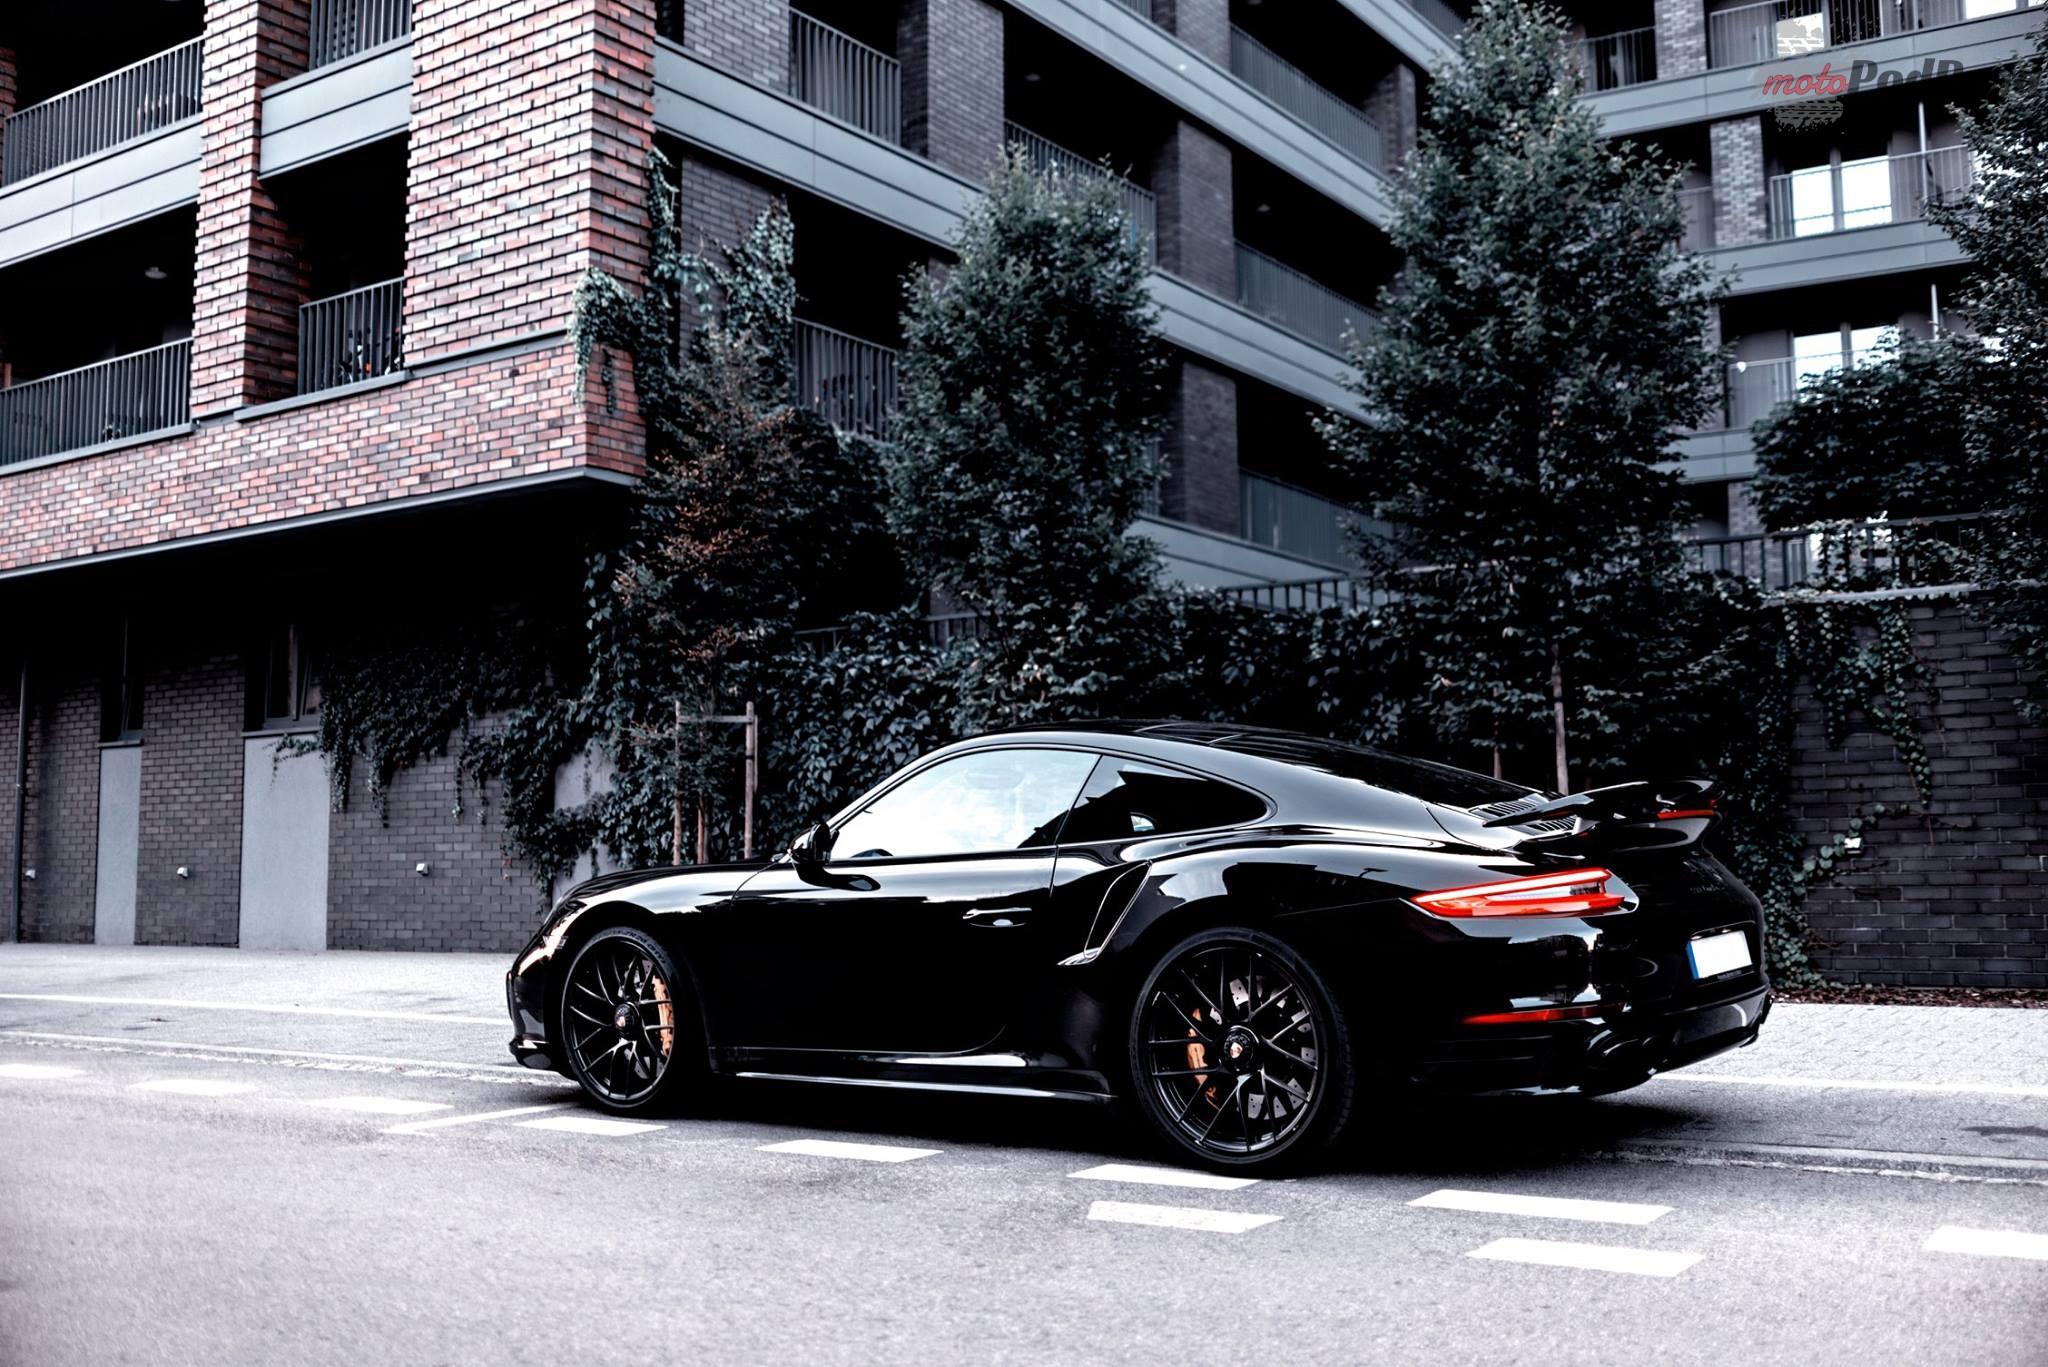 Porsche 911 Turbo S 1 5 minut z... Porsche 911 Turbo S